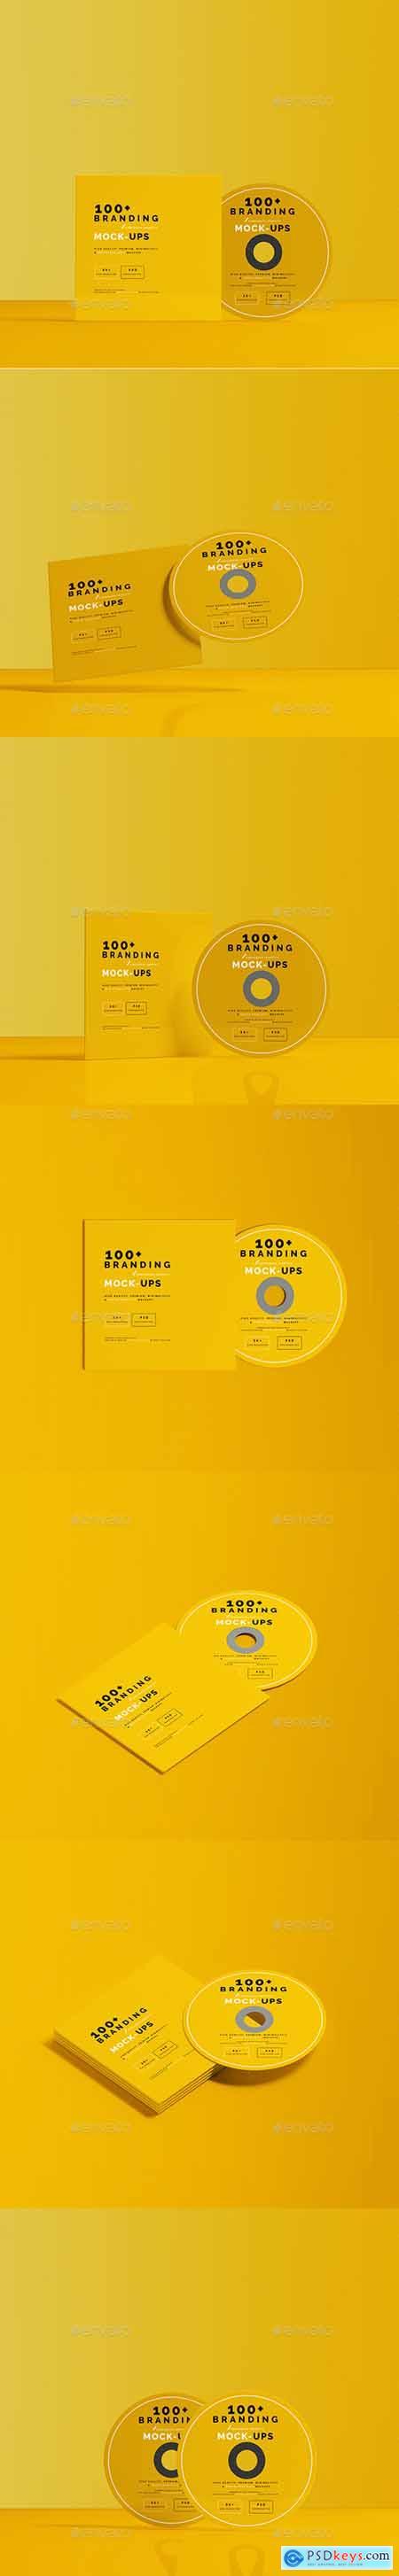 CD DVD Mockups 29621954